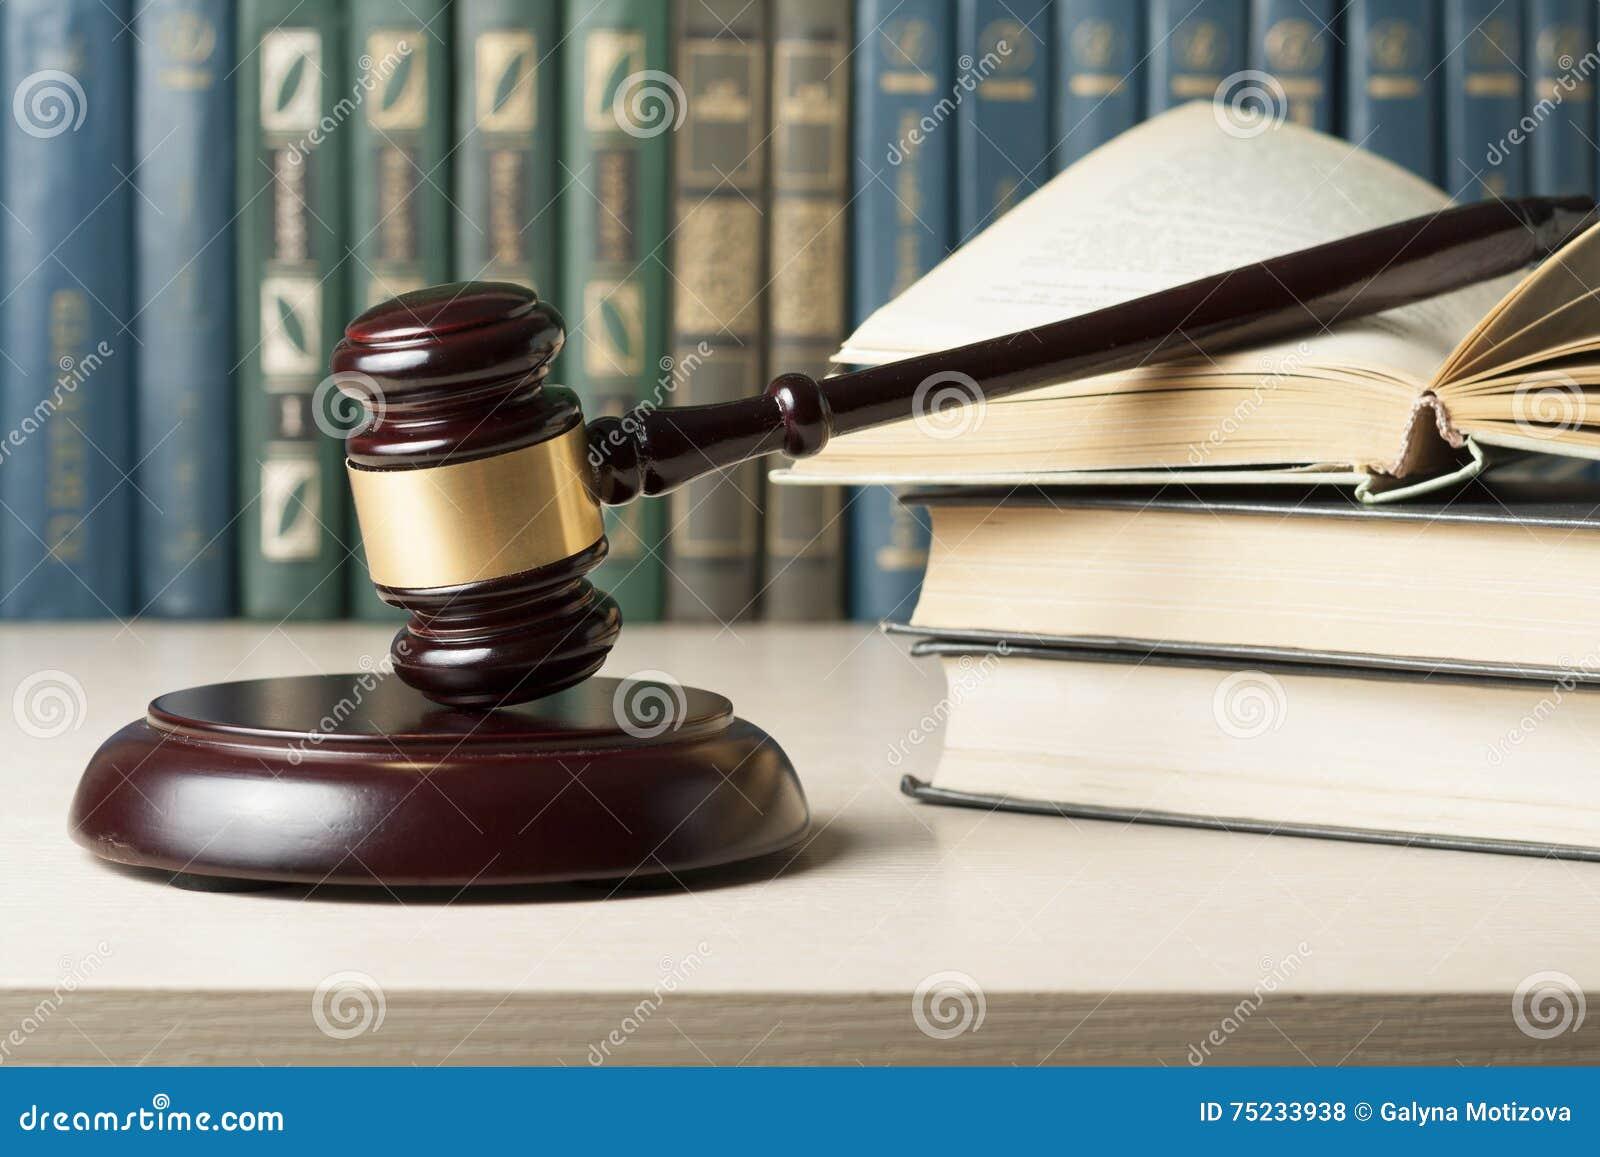 Concetto di legge prenoti con il martelletto di legno - Un ampolla sulla tavola ...